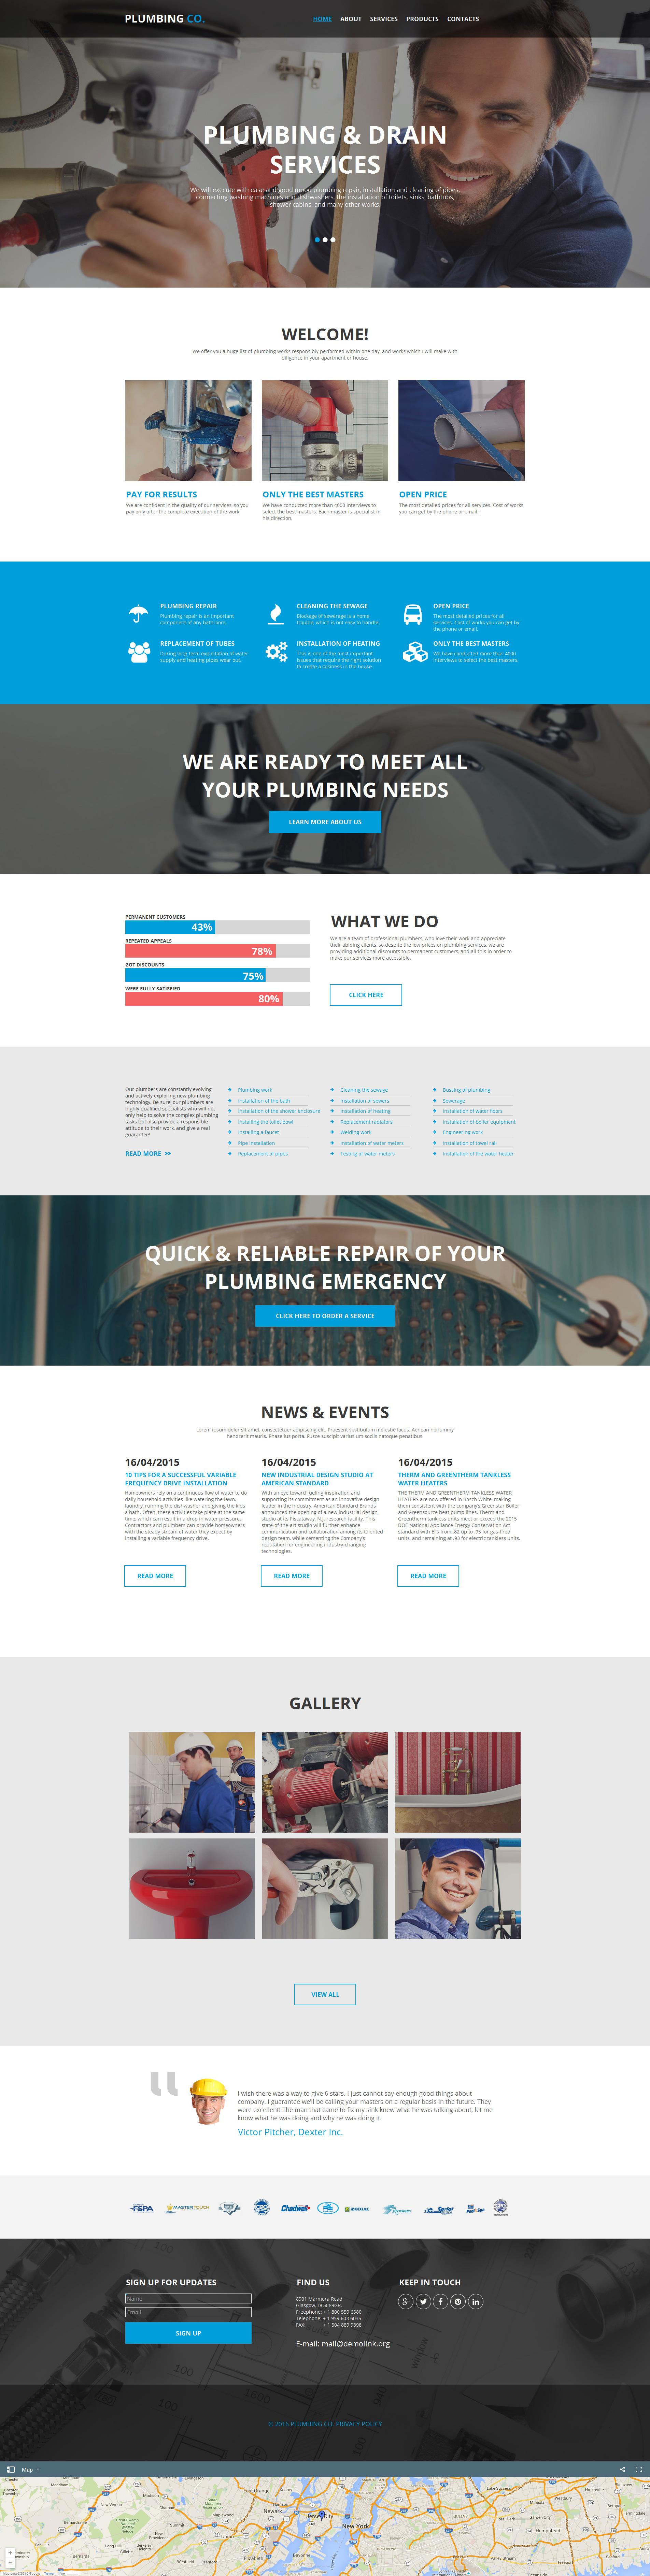 Plantilla Moto CMS HTML #56085 para Sitio de Servicios de Fontanería